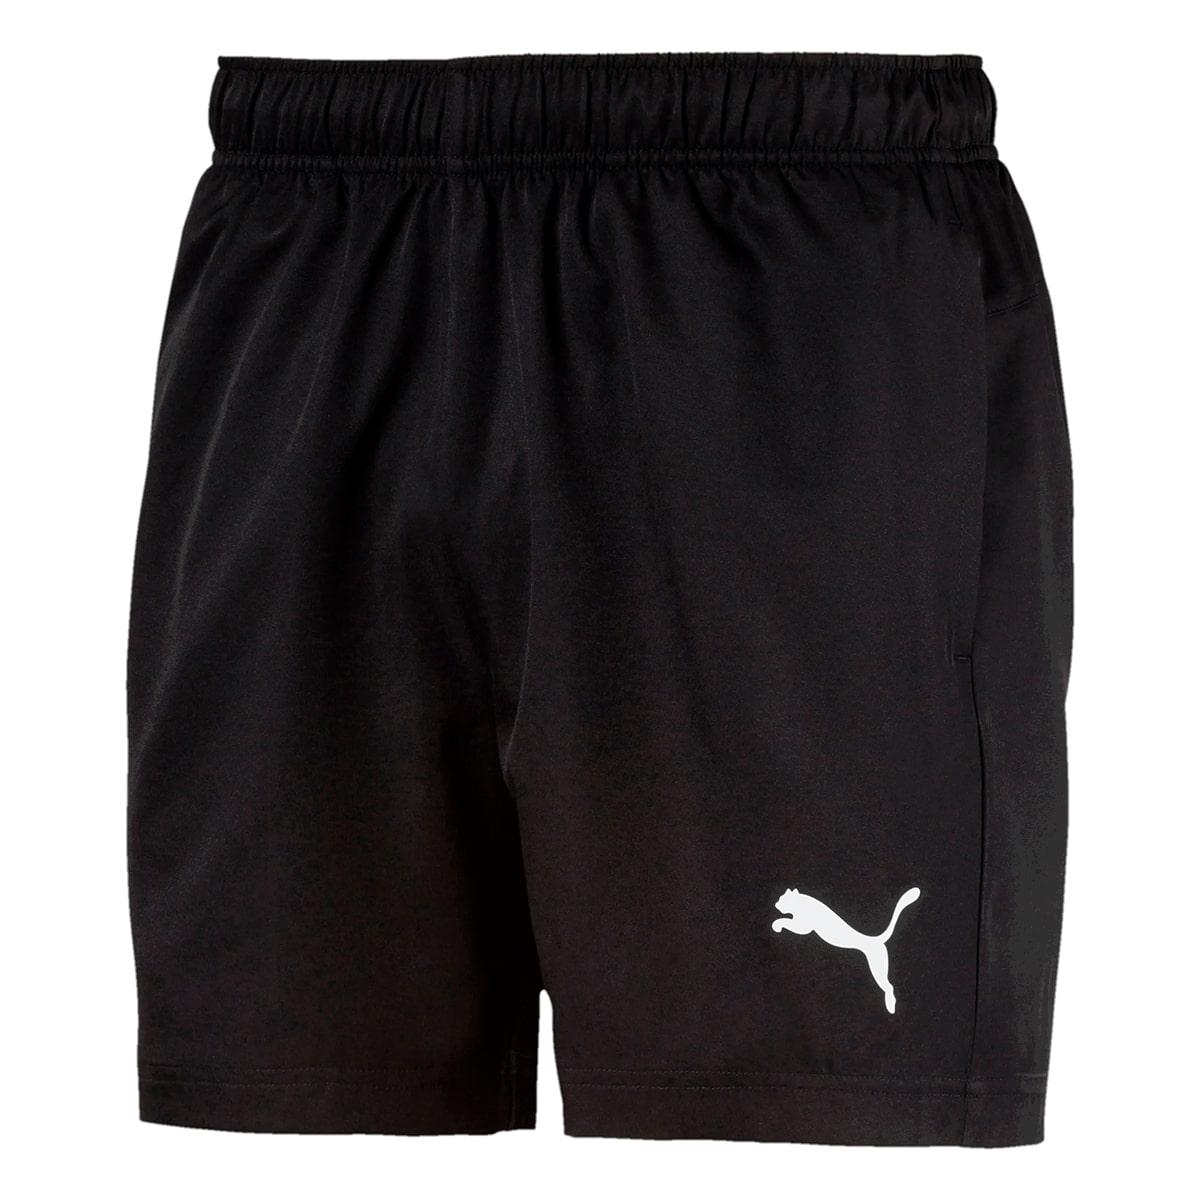 Shorts Puma Essentials Active Woven Masculino Preto